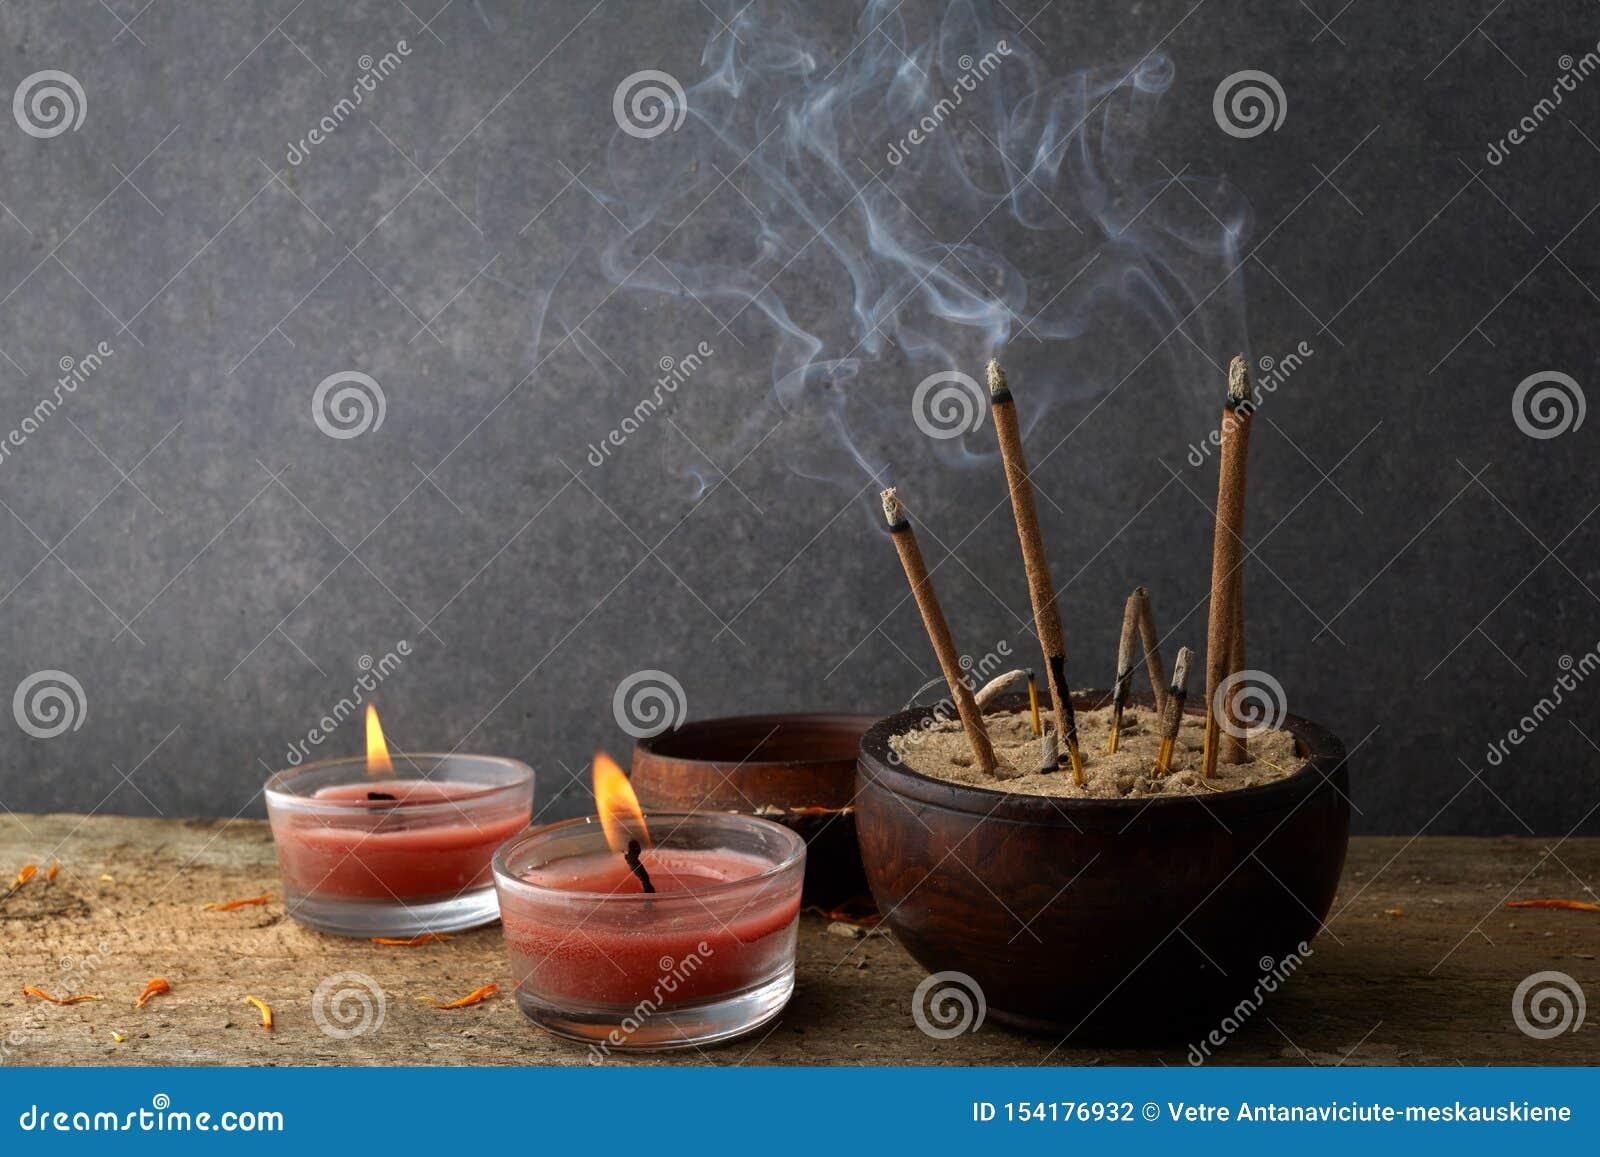 Burning Aromatic Incense Sticks  Incense For Praying Buddha